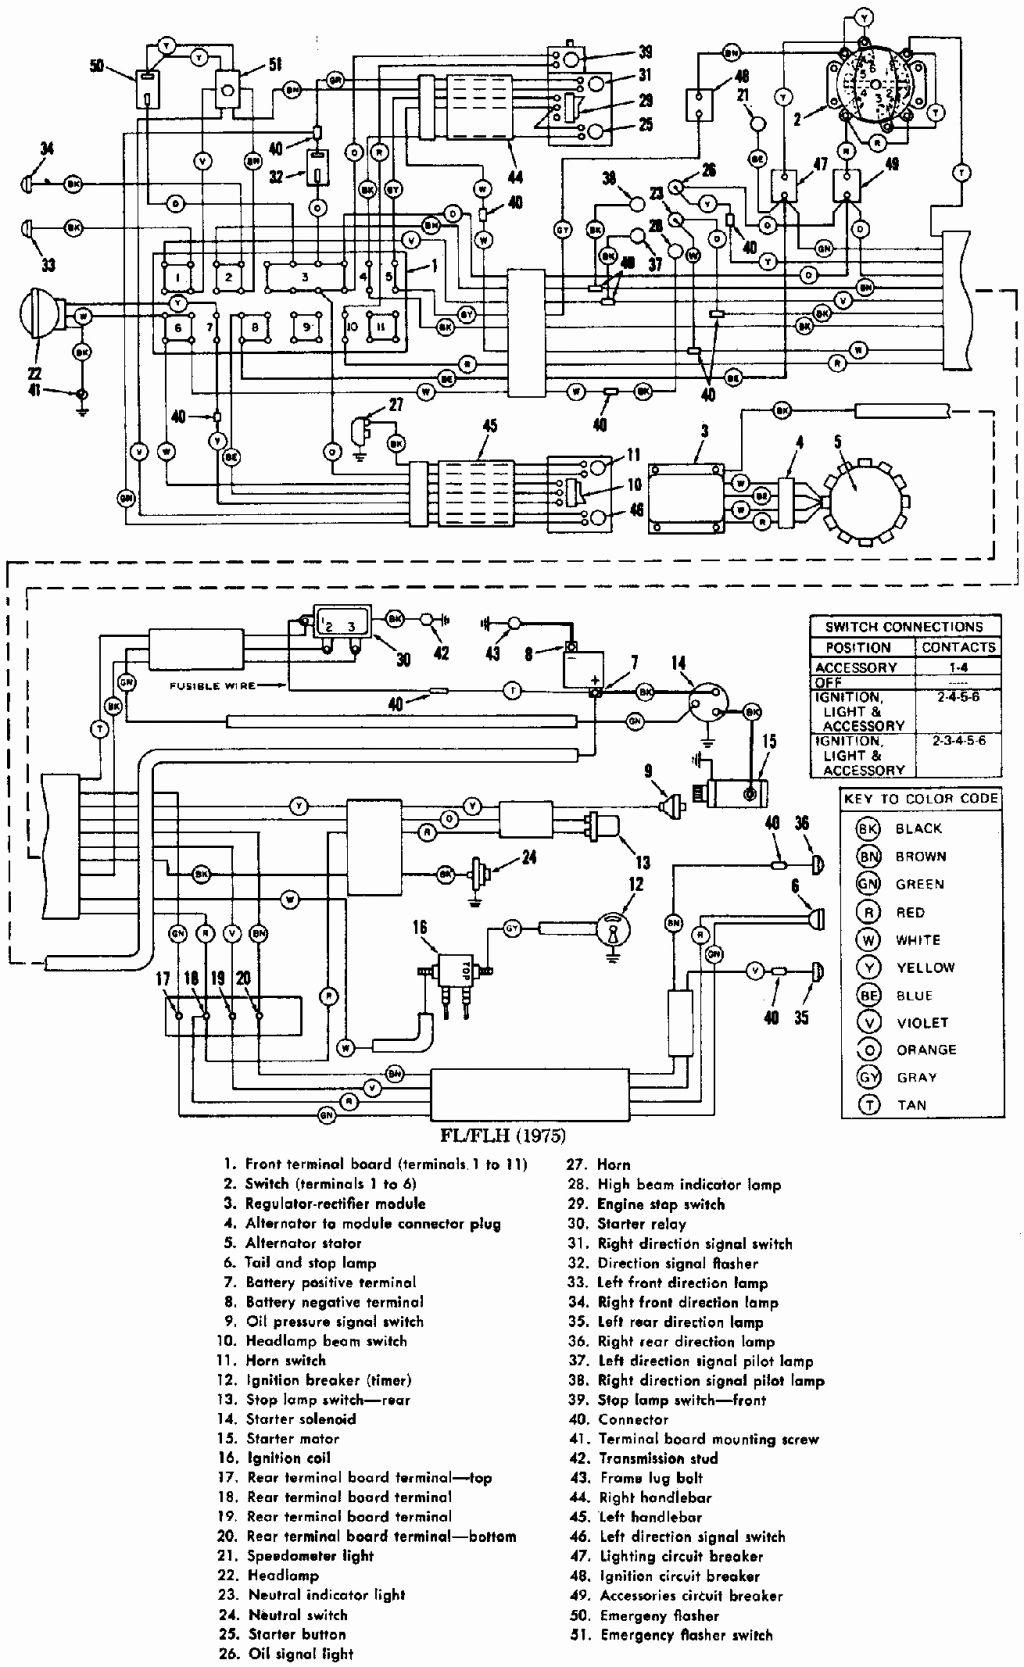 Harley Davidson Wiring Diagram Download | Free Wiring Diagram on